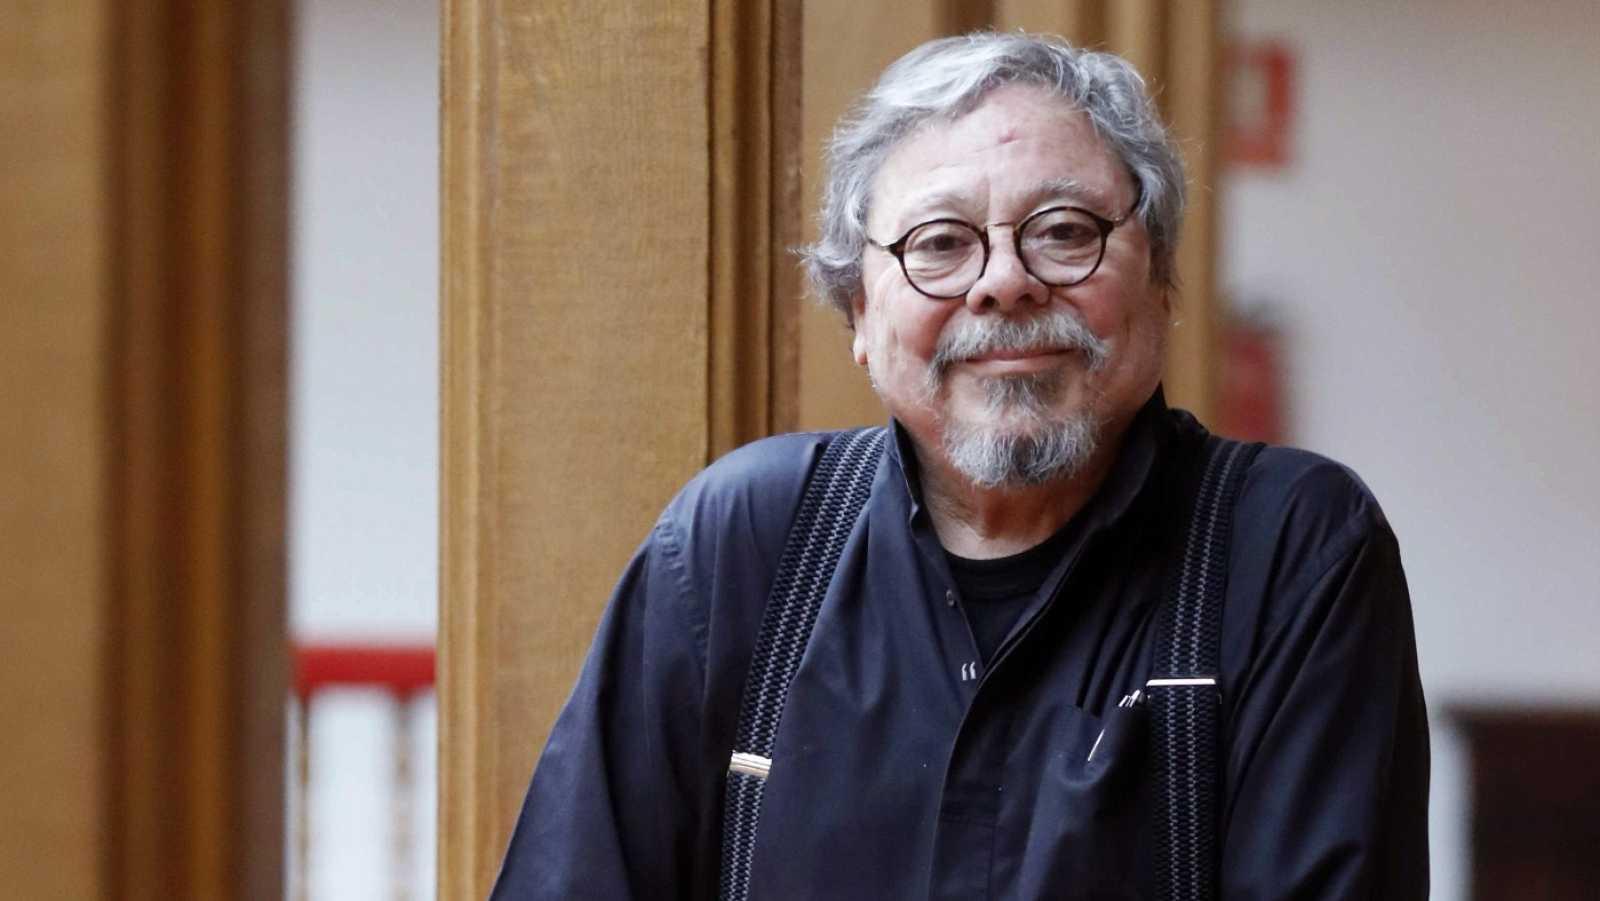 El ojo crítico - Alberto Corazón y 'Miss Marte', con Manuel Jabois - 10/02/21 - escuchar ahora